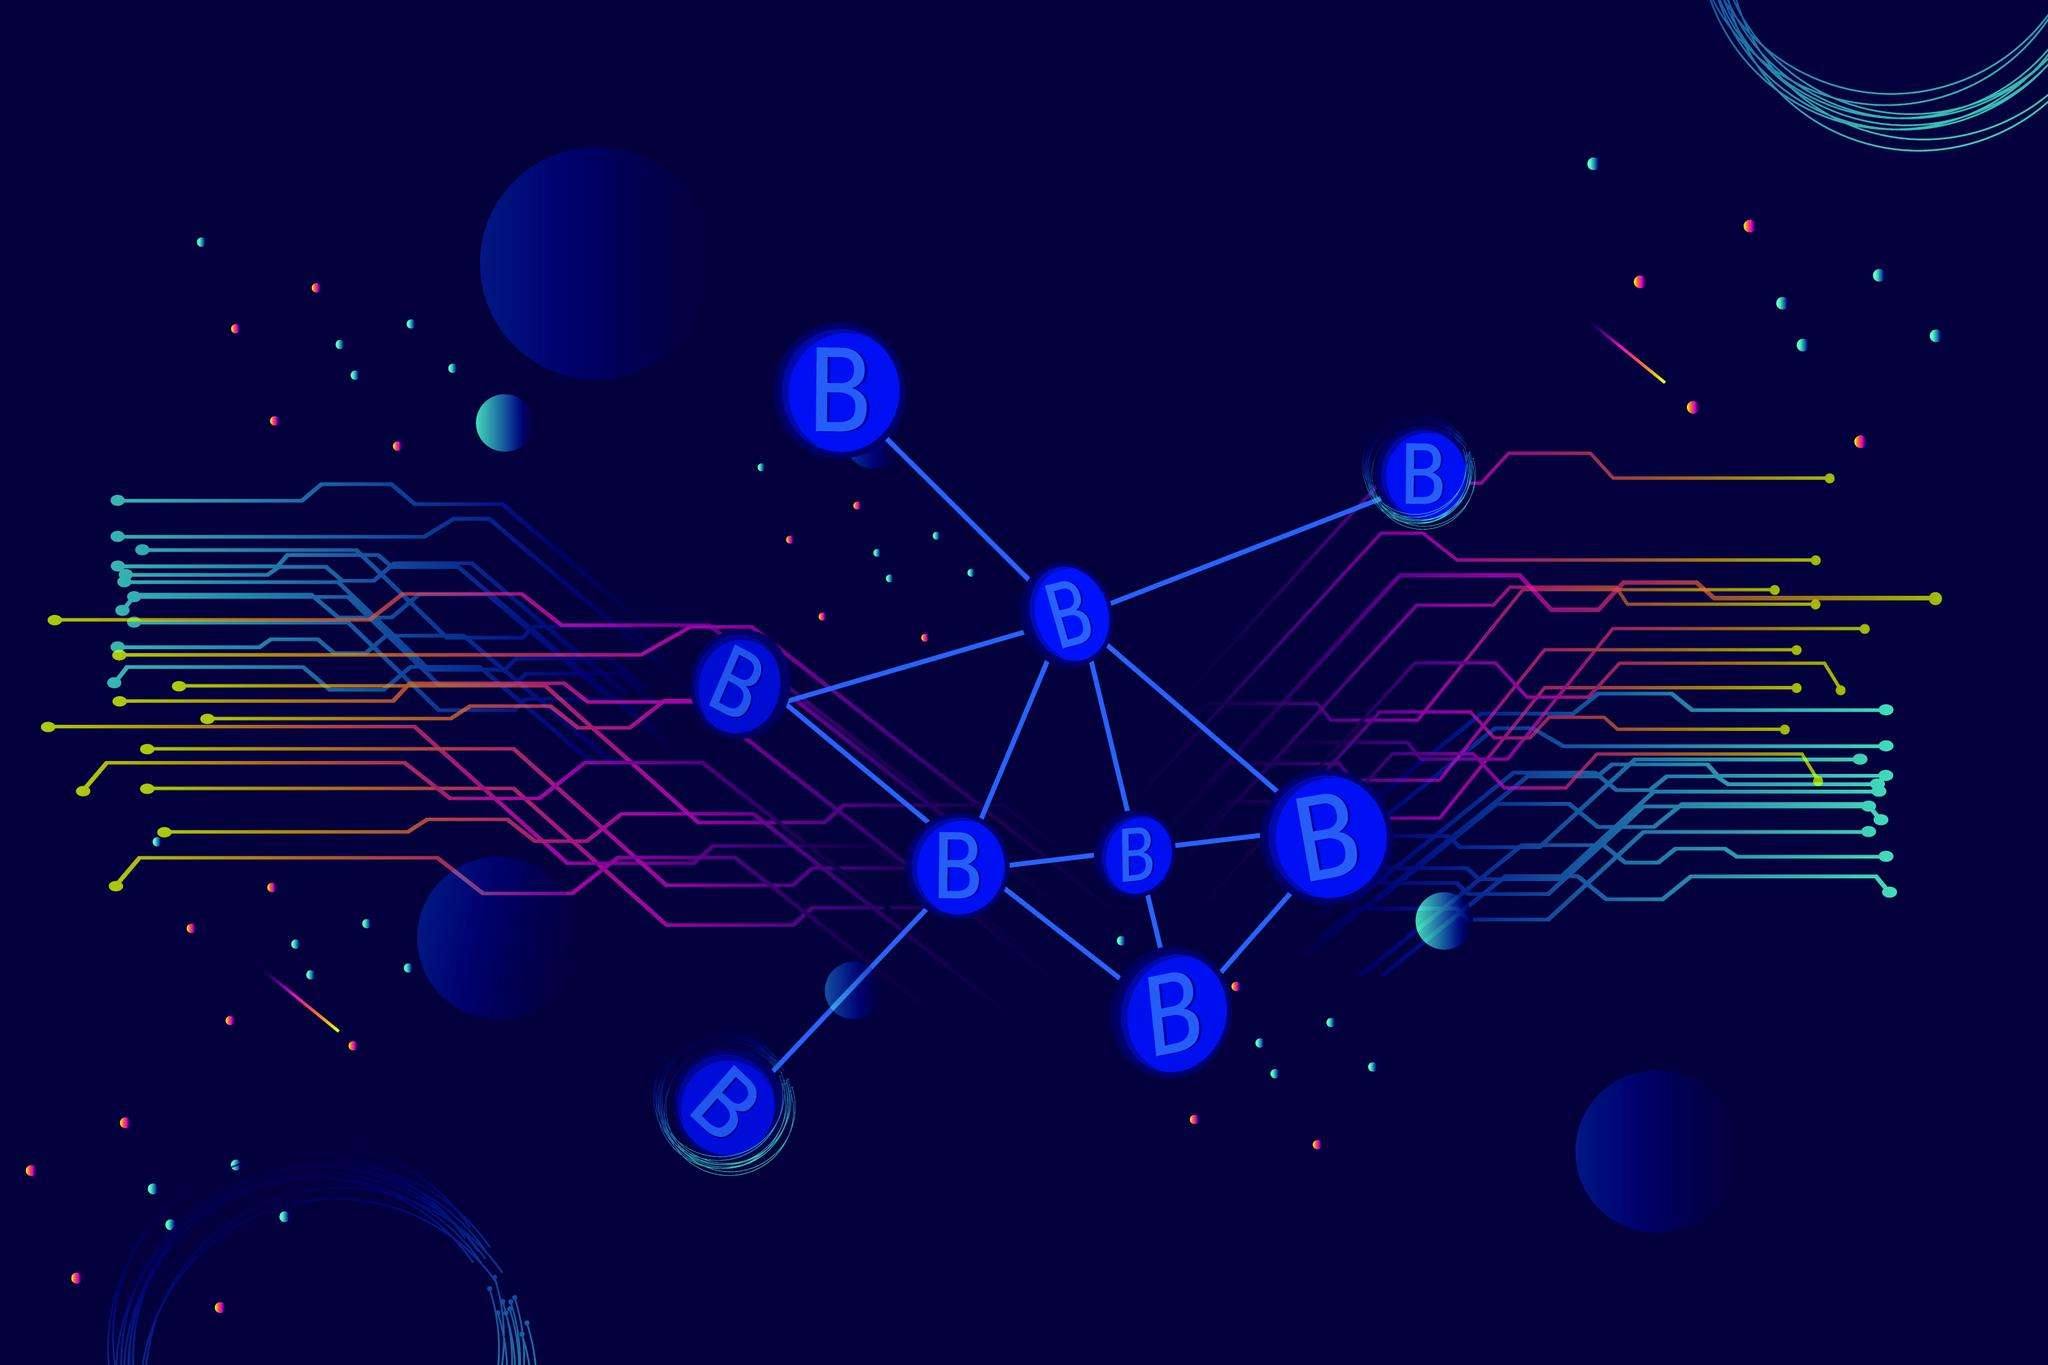 央行数字货币研究所:目前不建议基于区块链改造传统支付系统